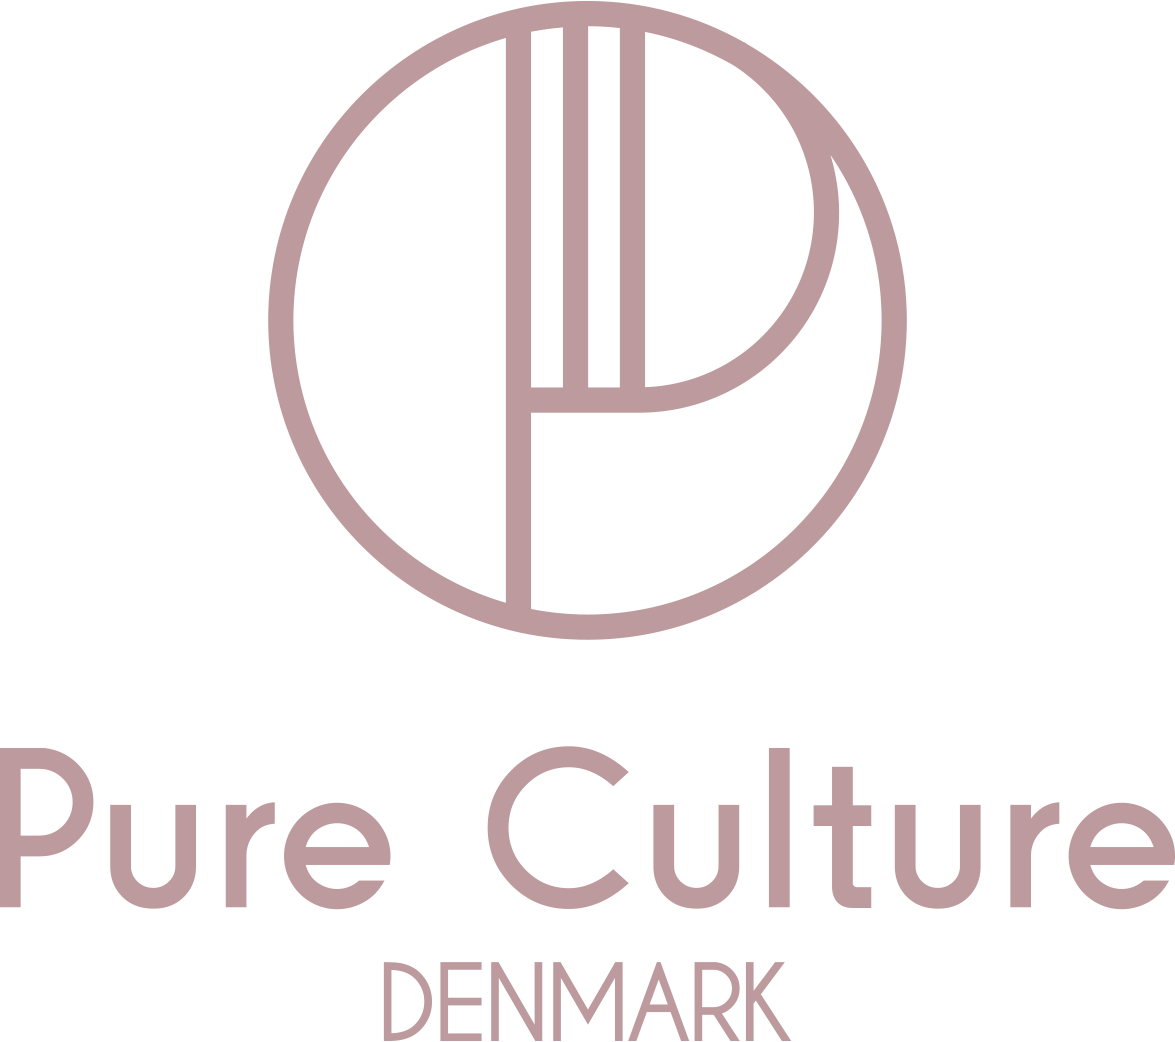 Pure Culture